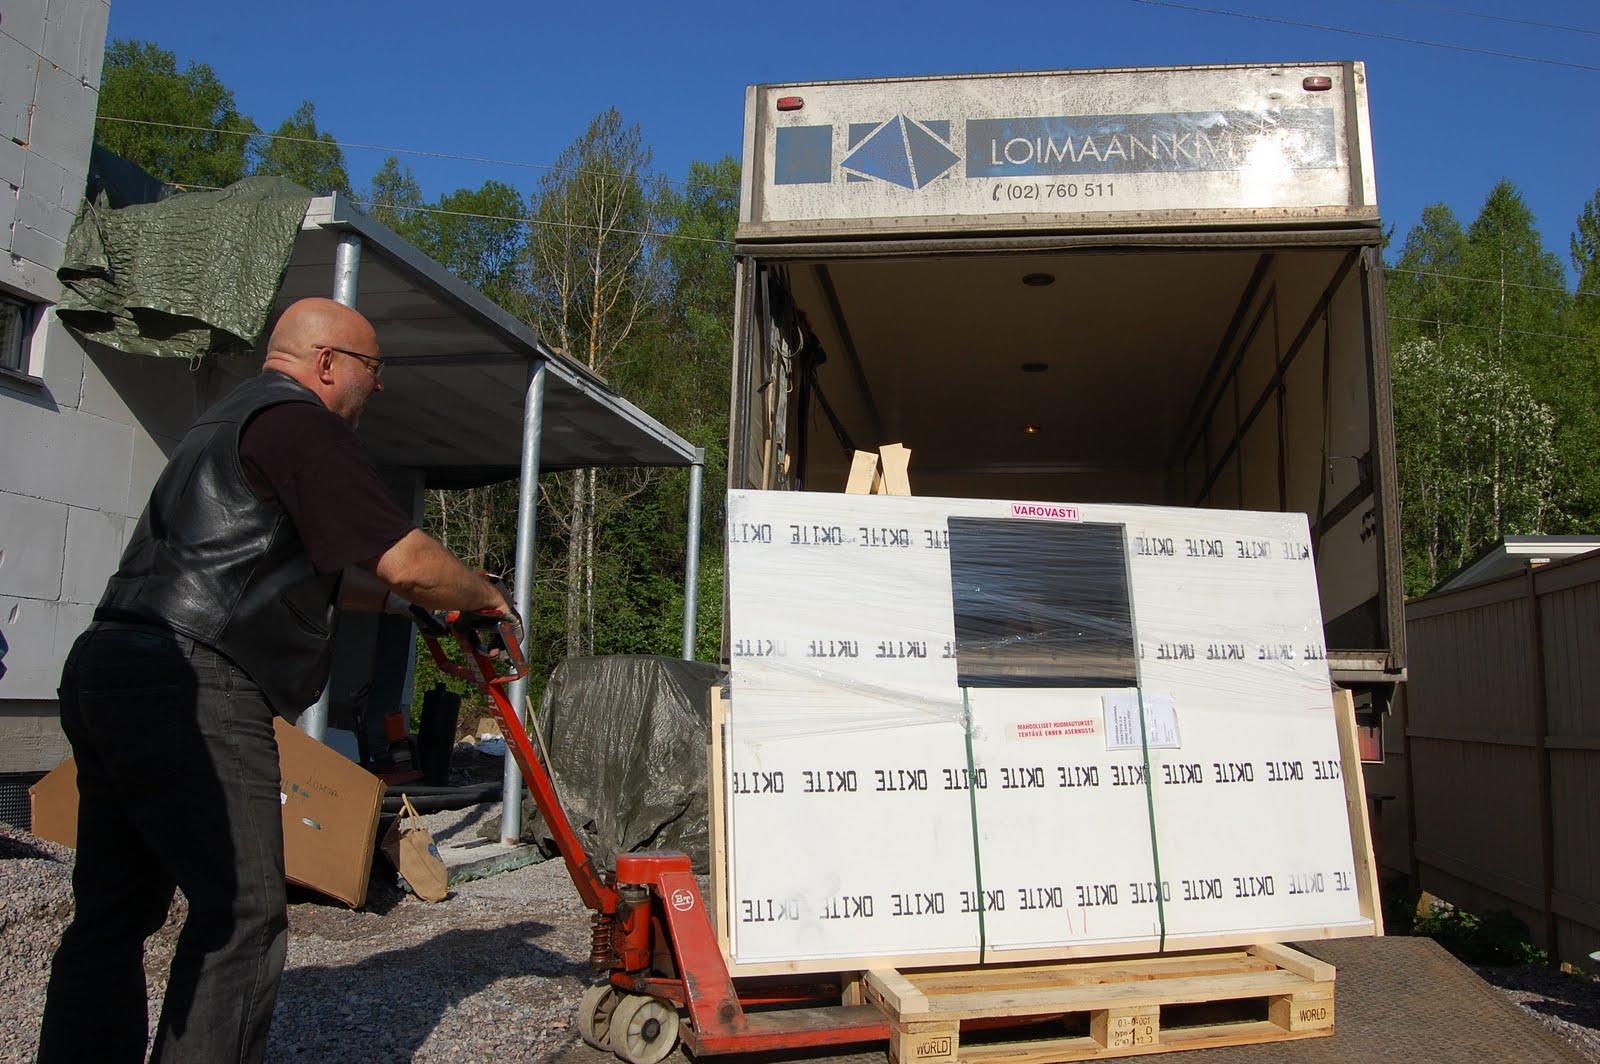 Valkoinen keittötaso kivikomposiitista saapui – ja unelmat täyttyivät  Proje